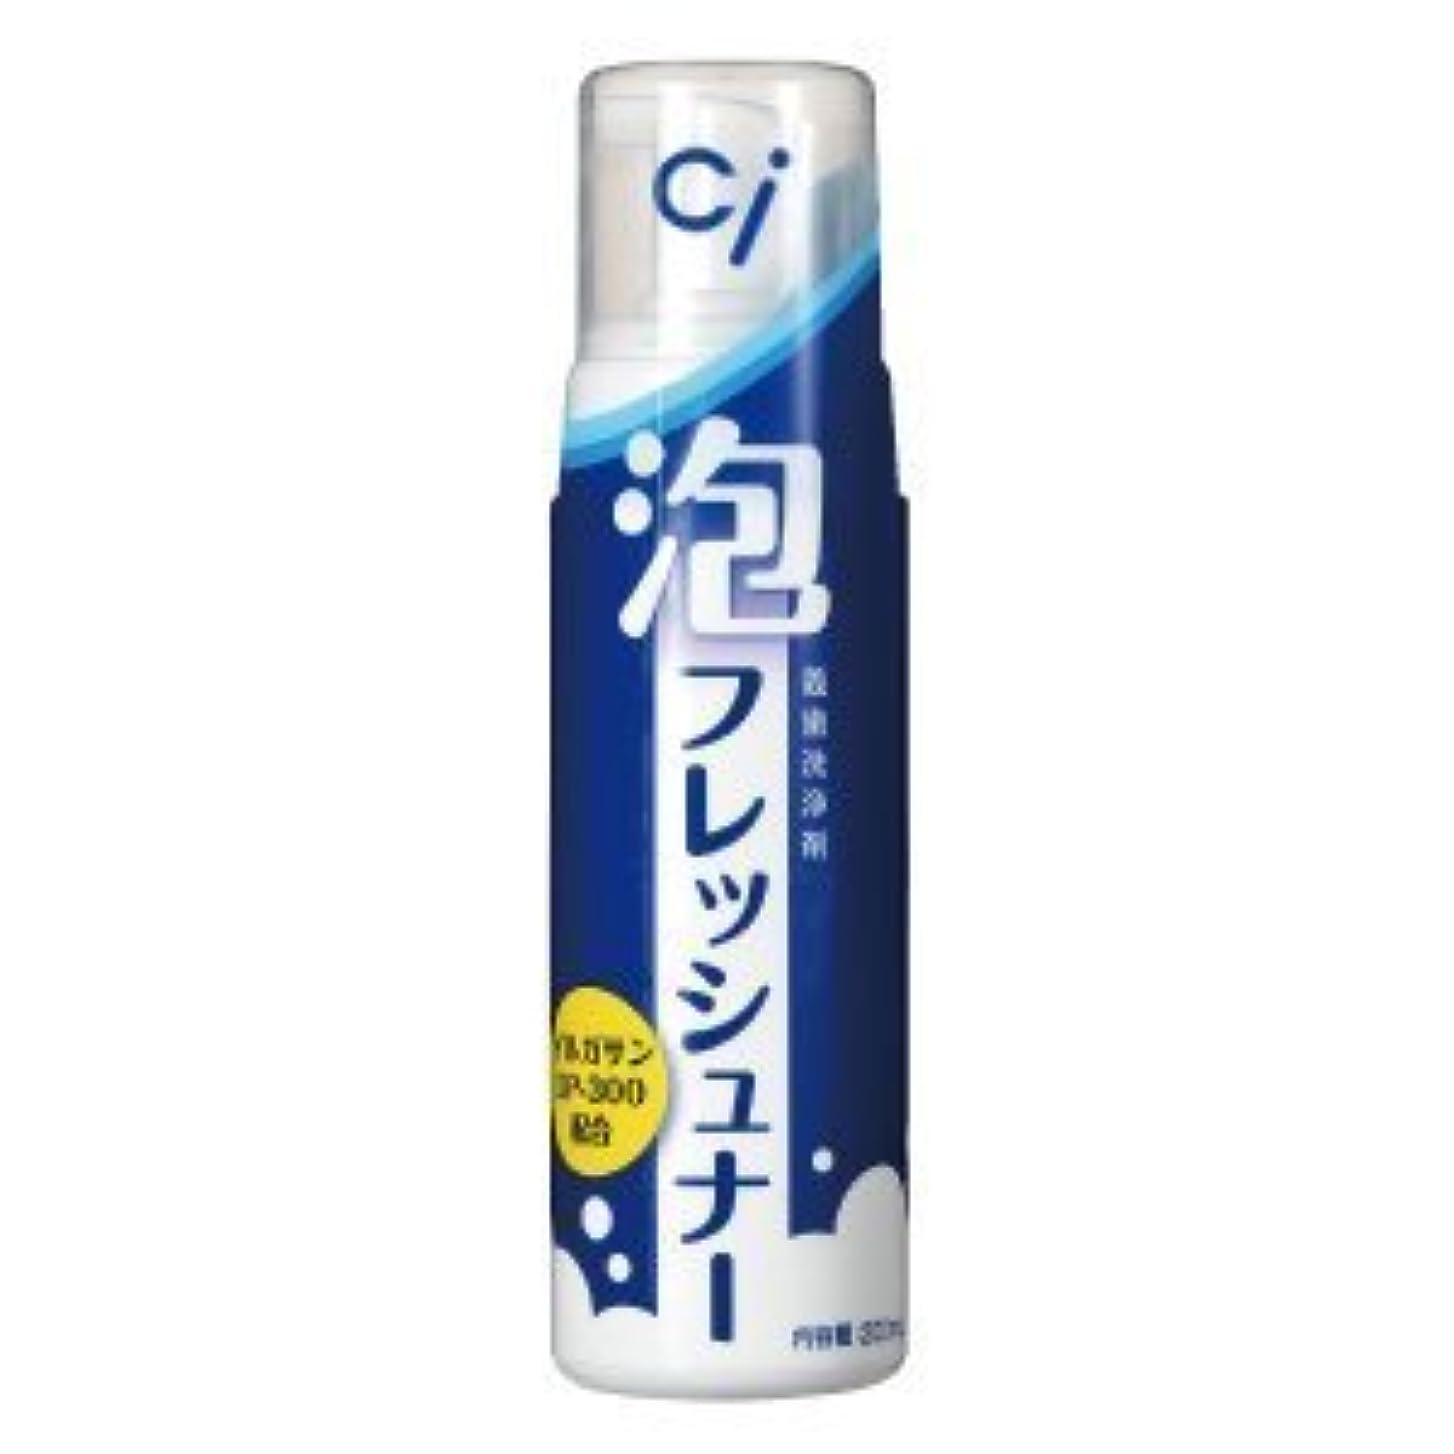 モート収穫予測子Ci 泡フレッシュナー 義歯洗浄剤 1本(200ml)